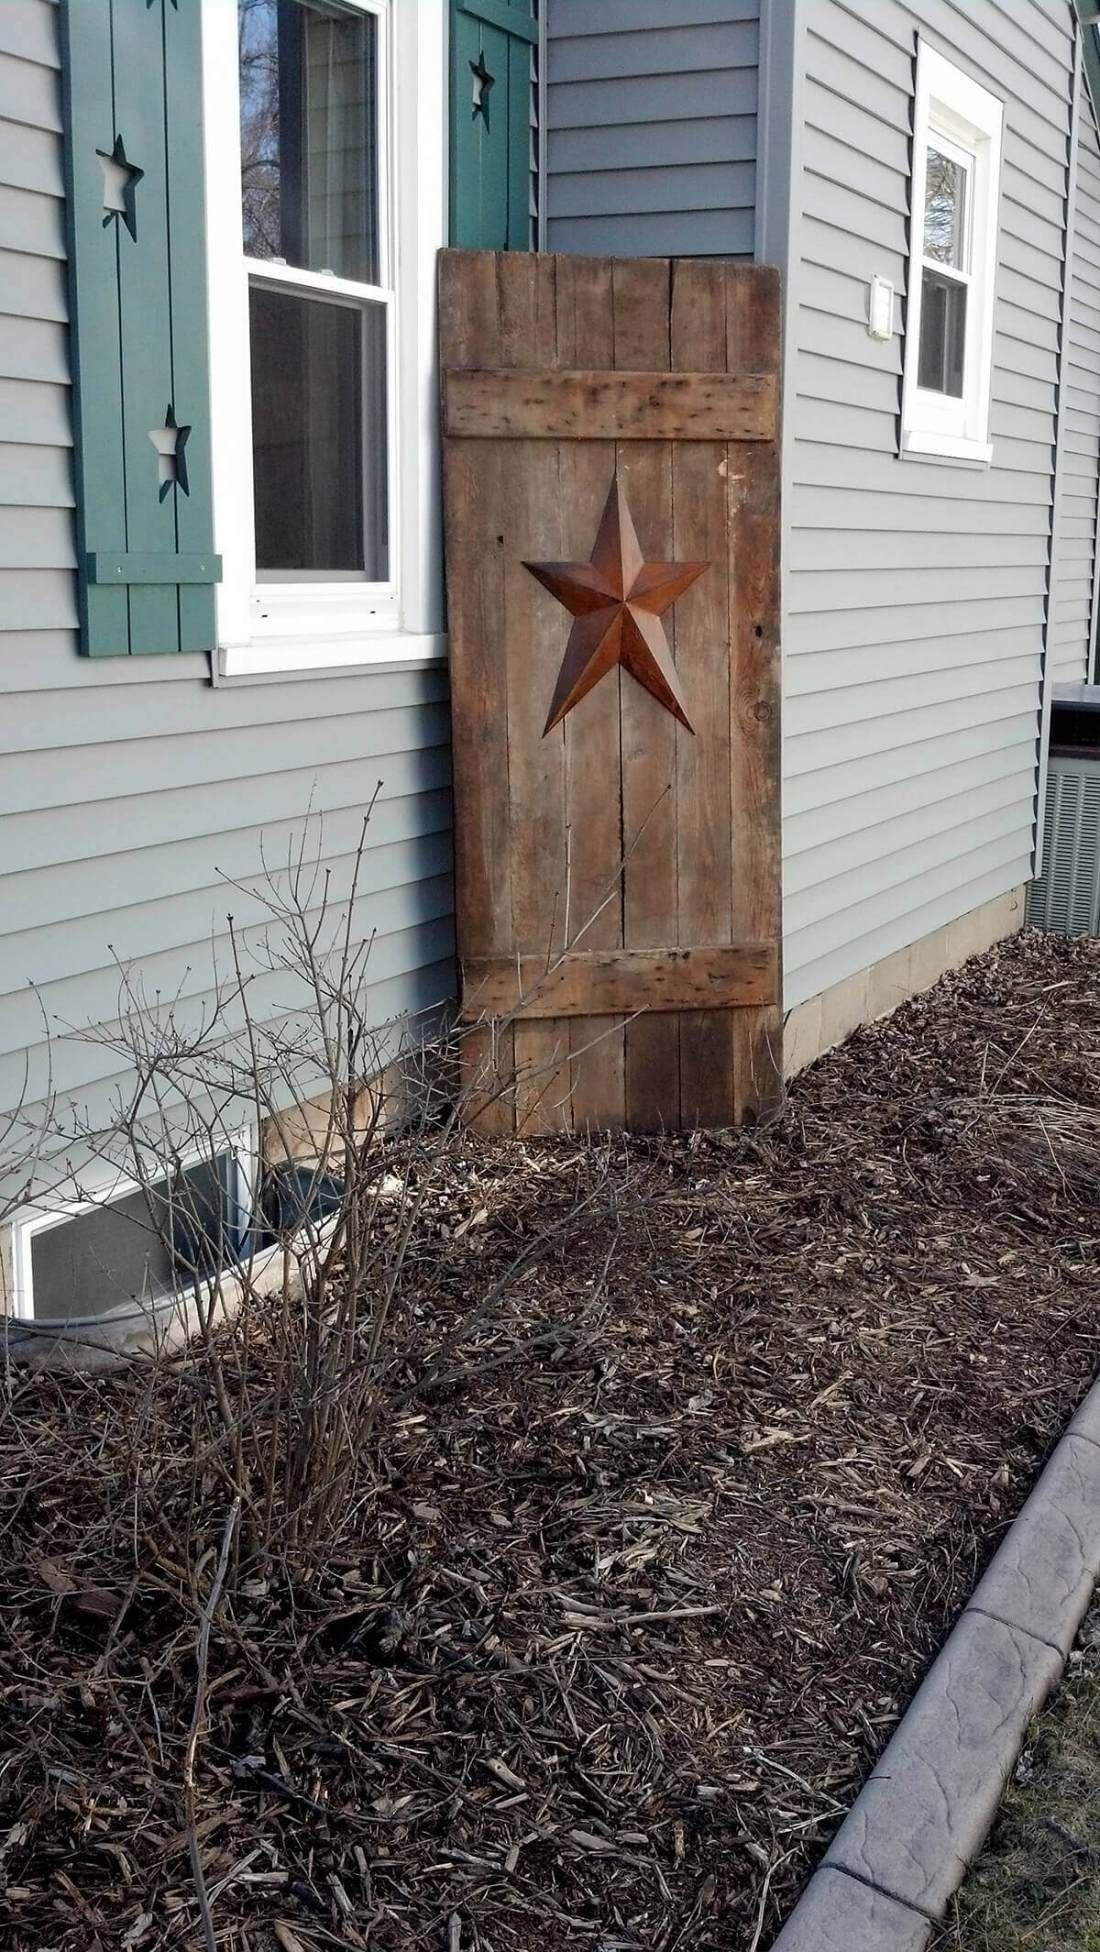 31 Creative Repurposed Old Door Ideas Projects For Your Backyard Old Barn Doors Barn Door Decor Old Door Decor